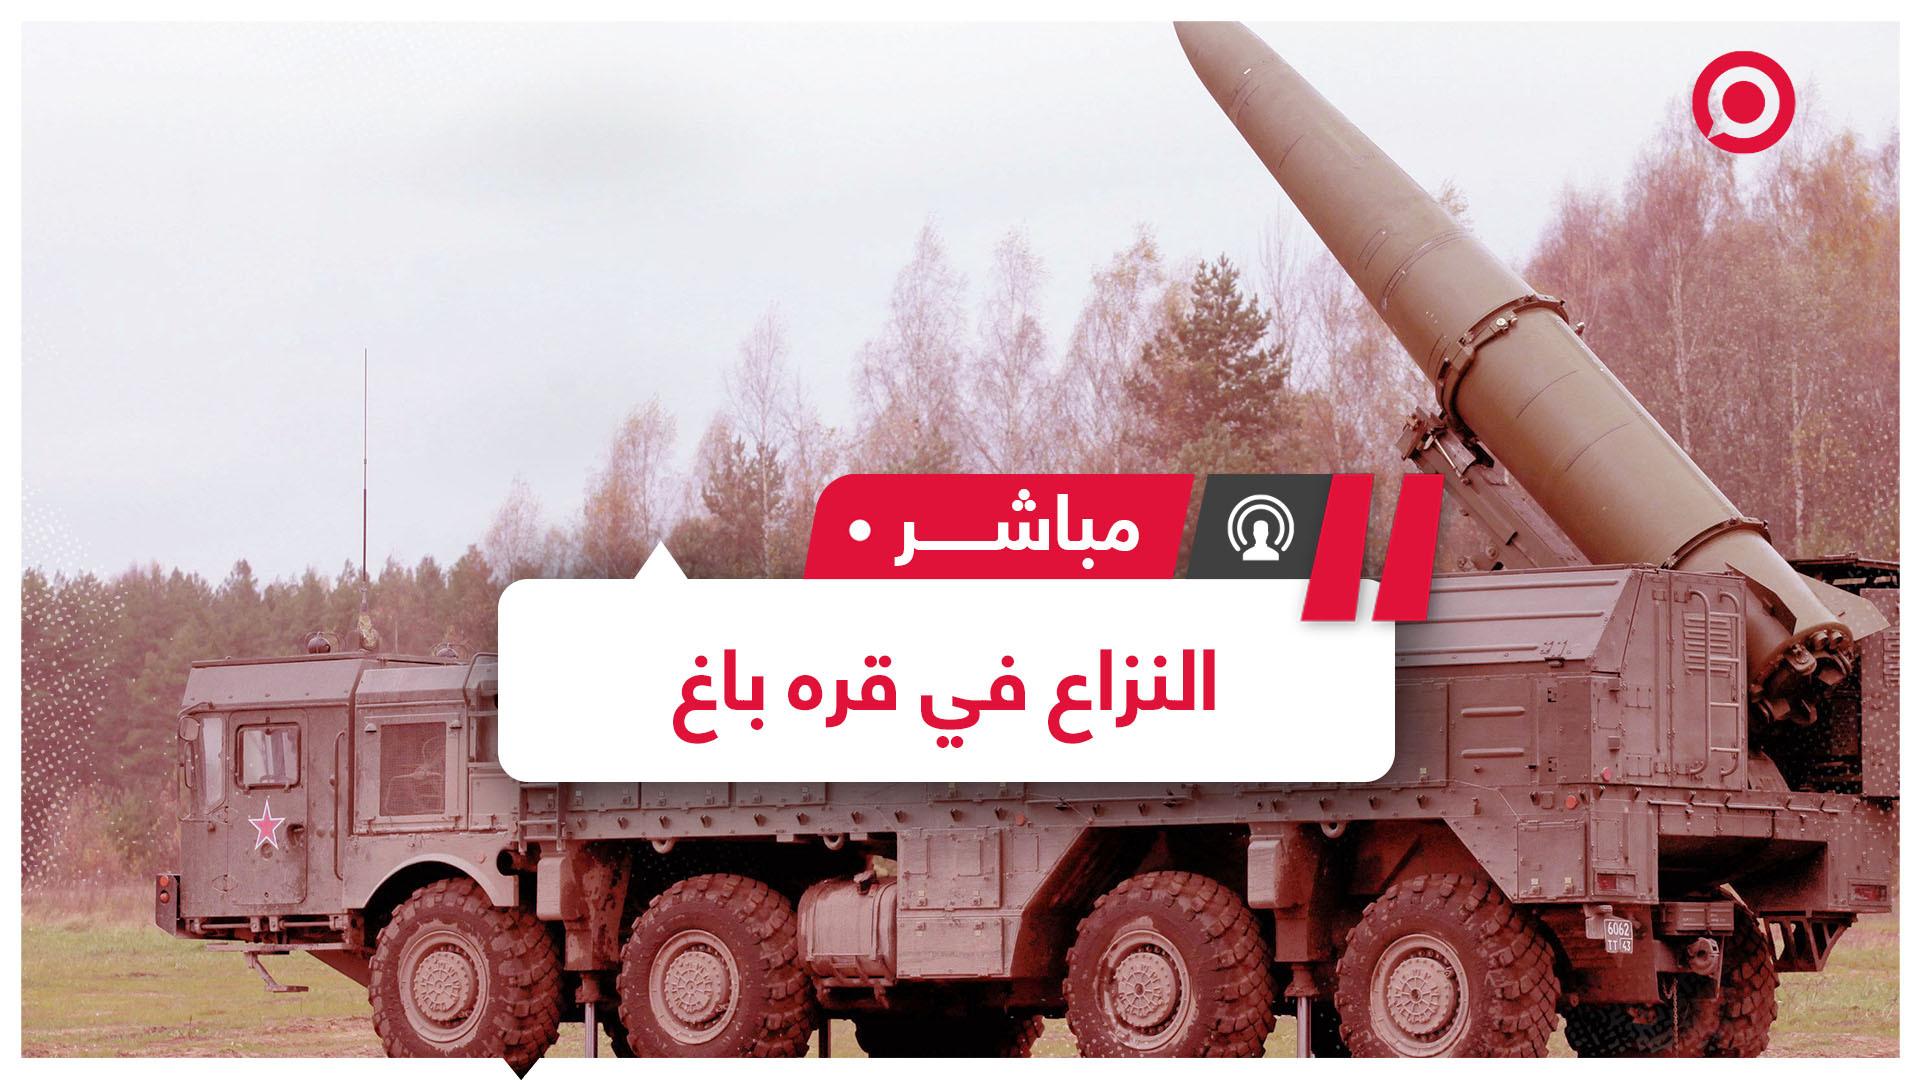 قره باغ.. استمرار الاشتباكات بين قوات أرمينيا وأذربيجان وسقوط قتلى من الطرفين